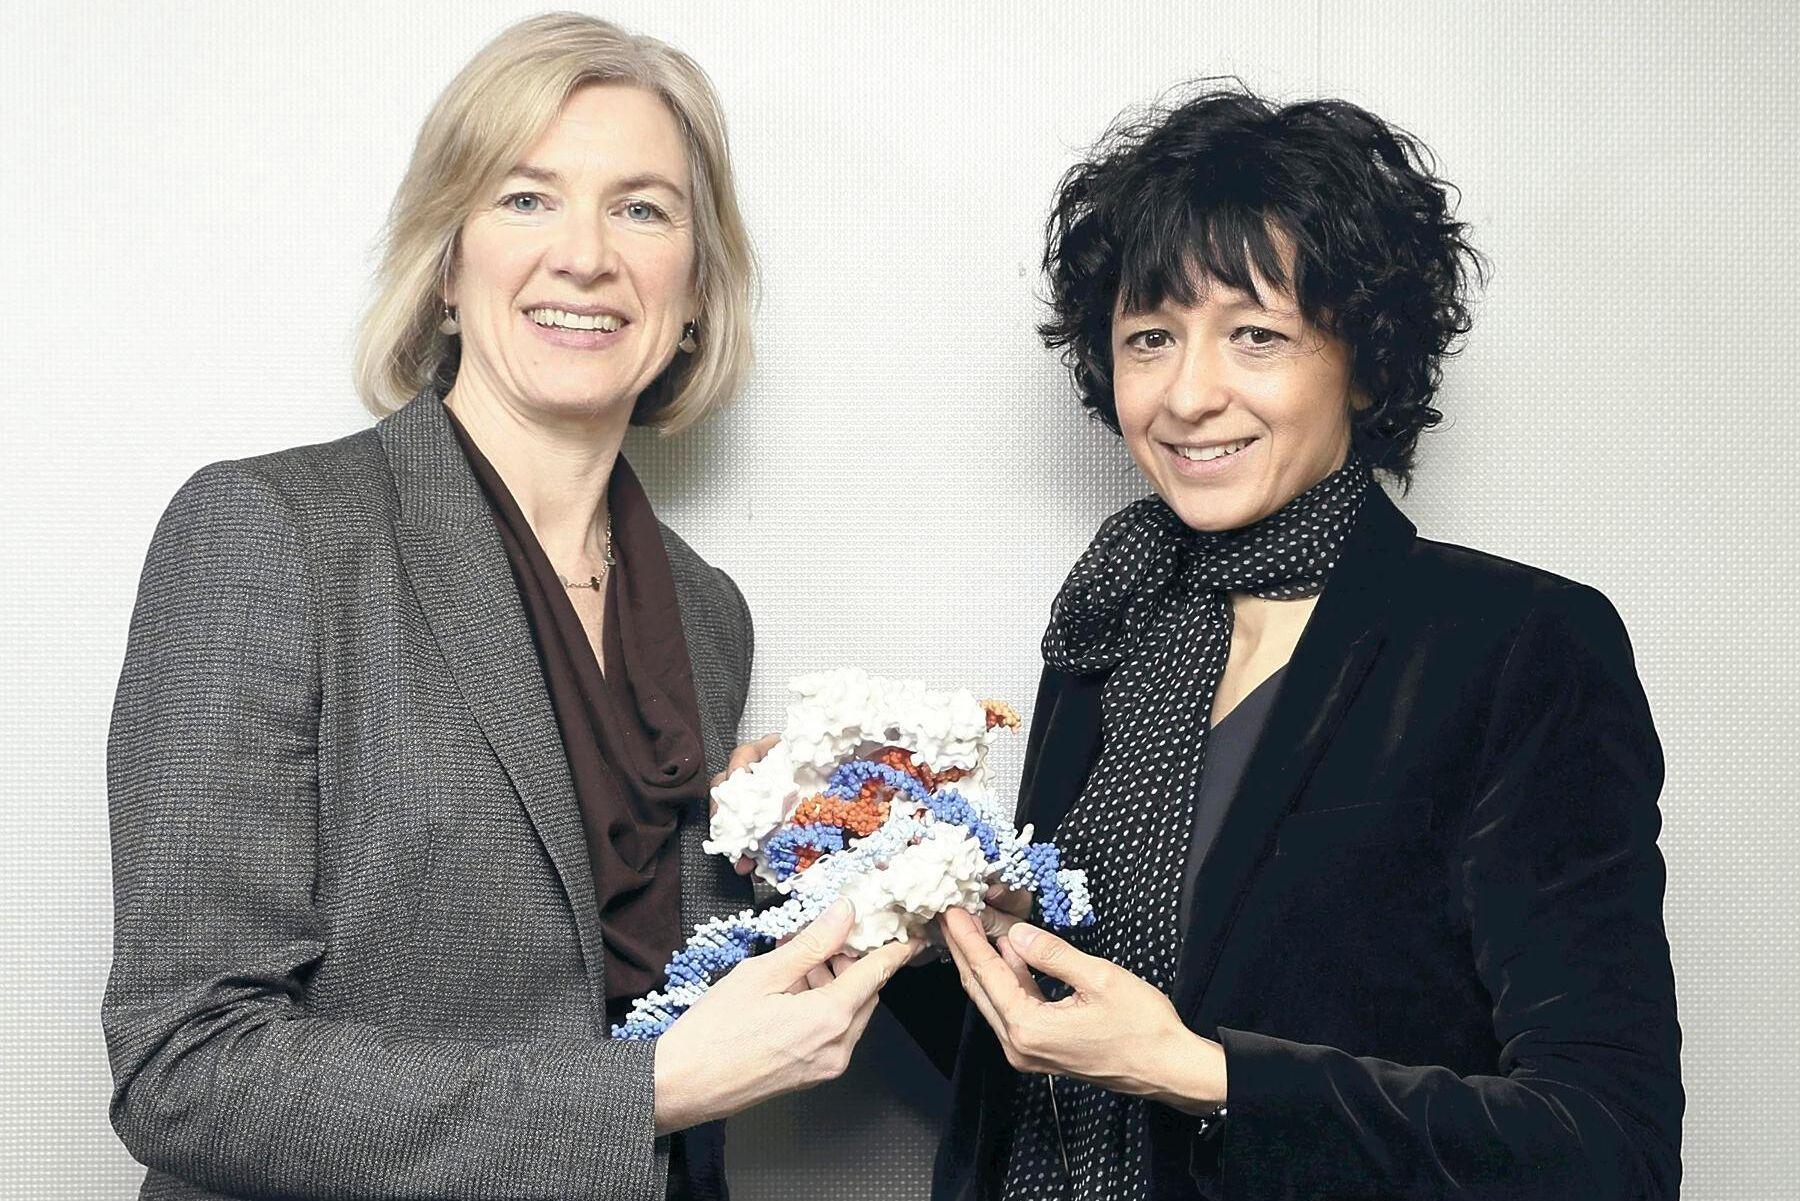 Jennifer Doudna och Emmanuelle Charpentier tilldelades Nobelpriset i kemi 2020, för deras upptäckter om Crispr/Cas9, också känt som gensaxen.